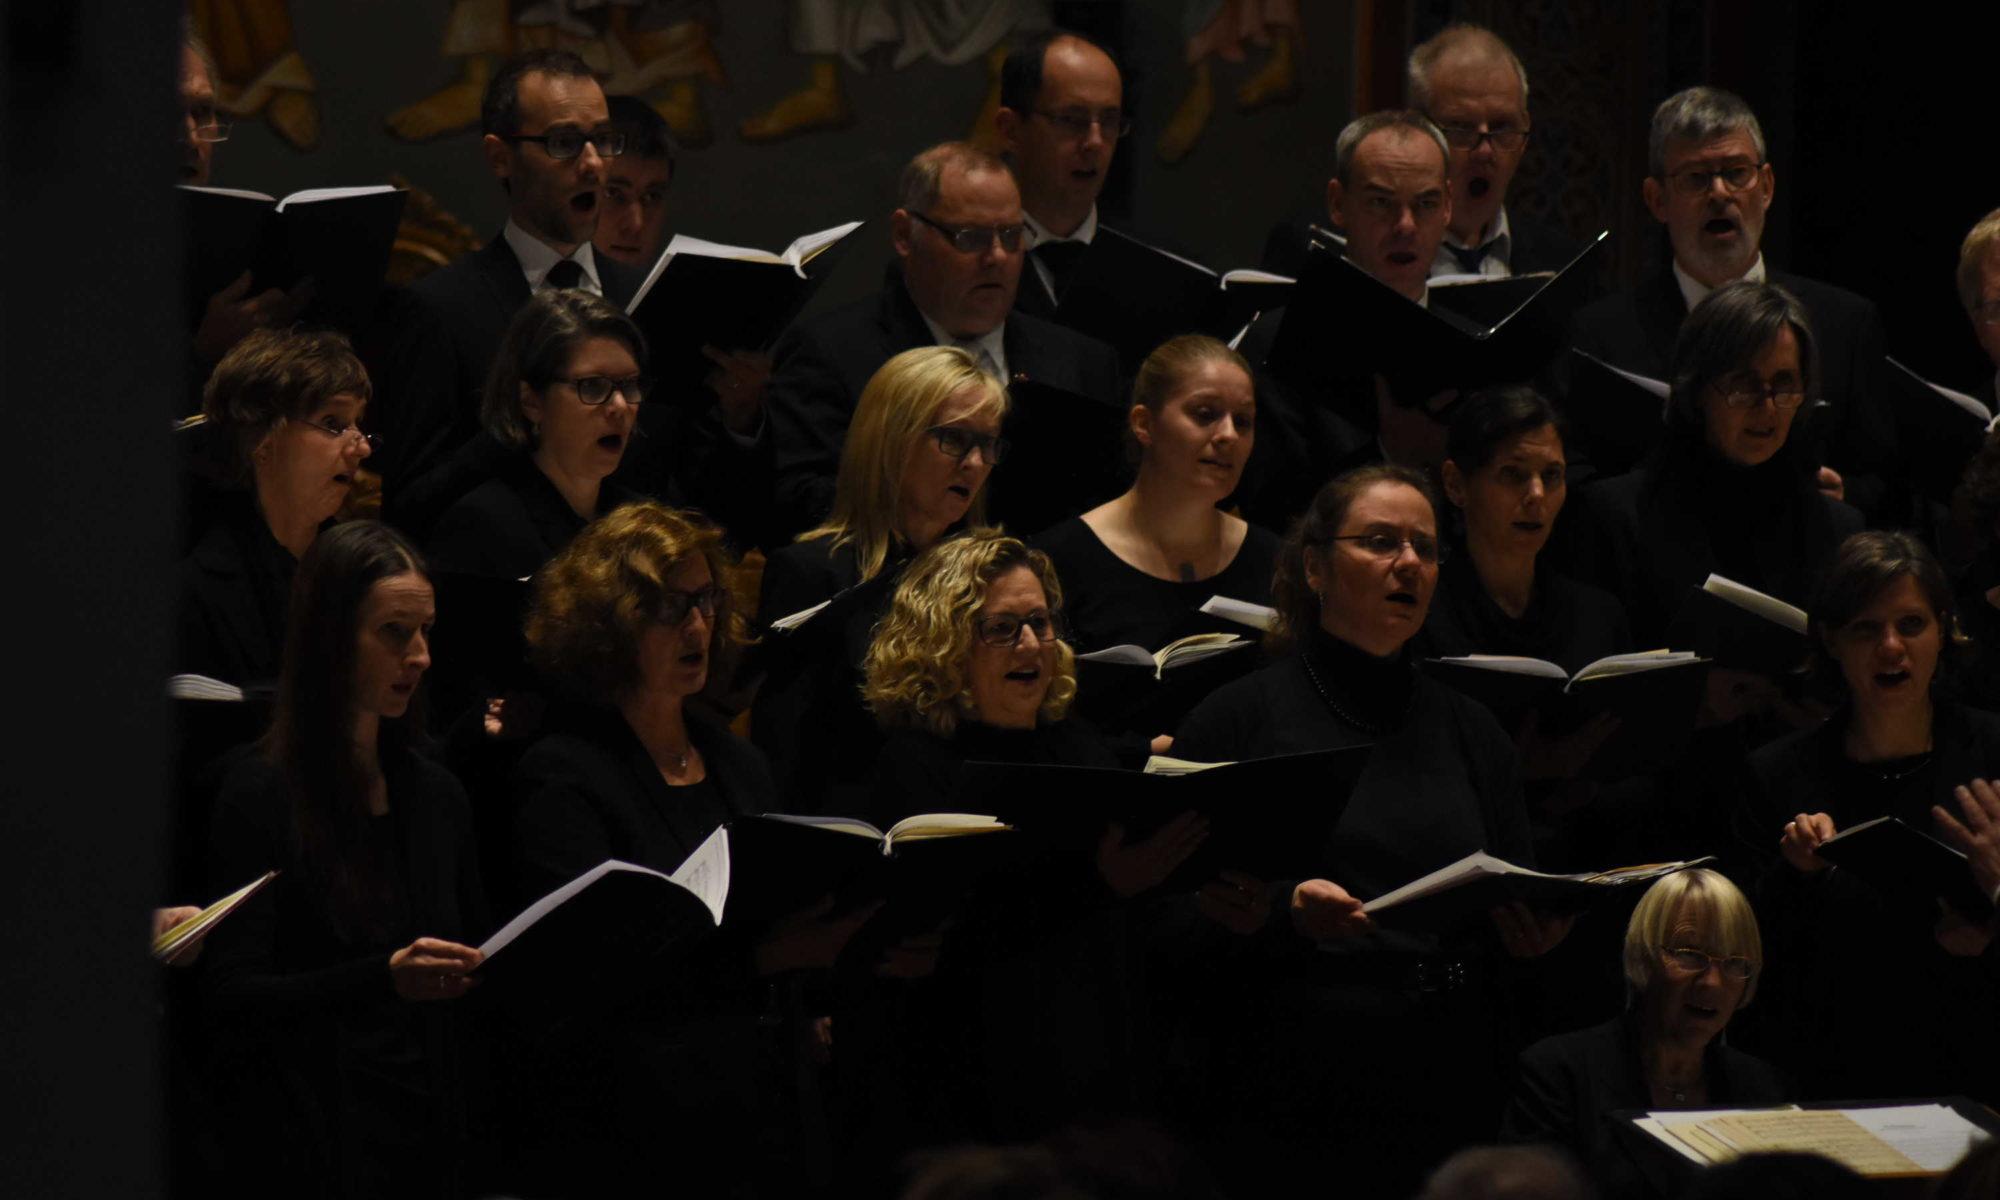 Ausschnitt aus dem Chor 2017